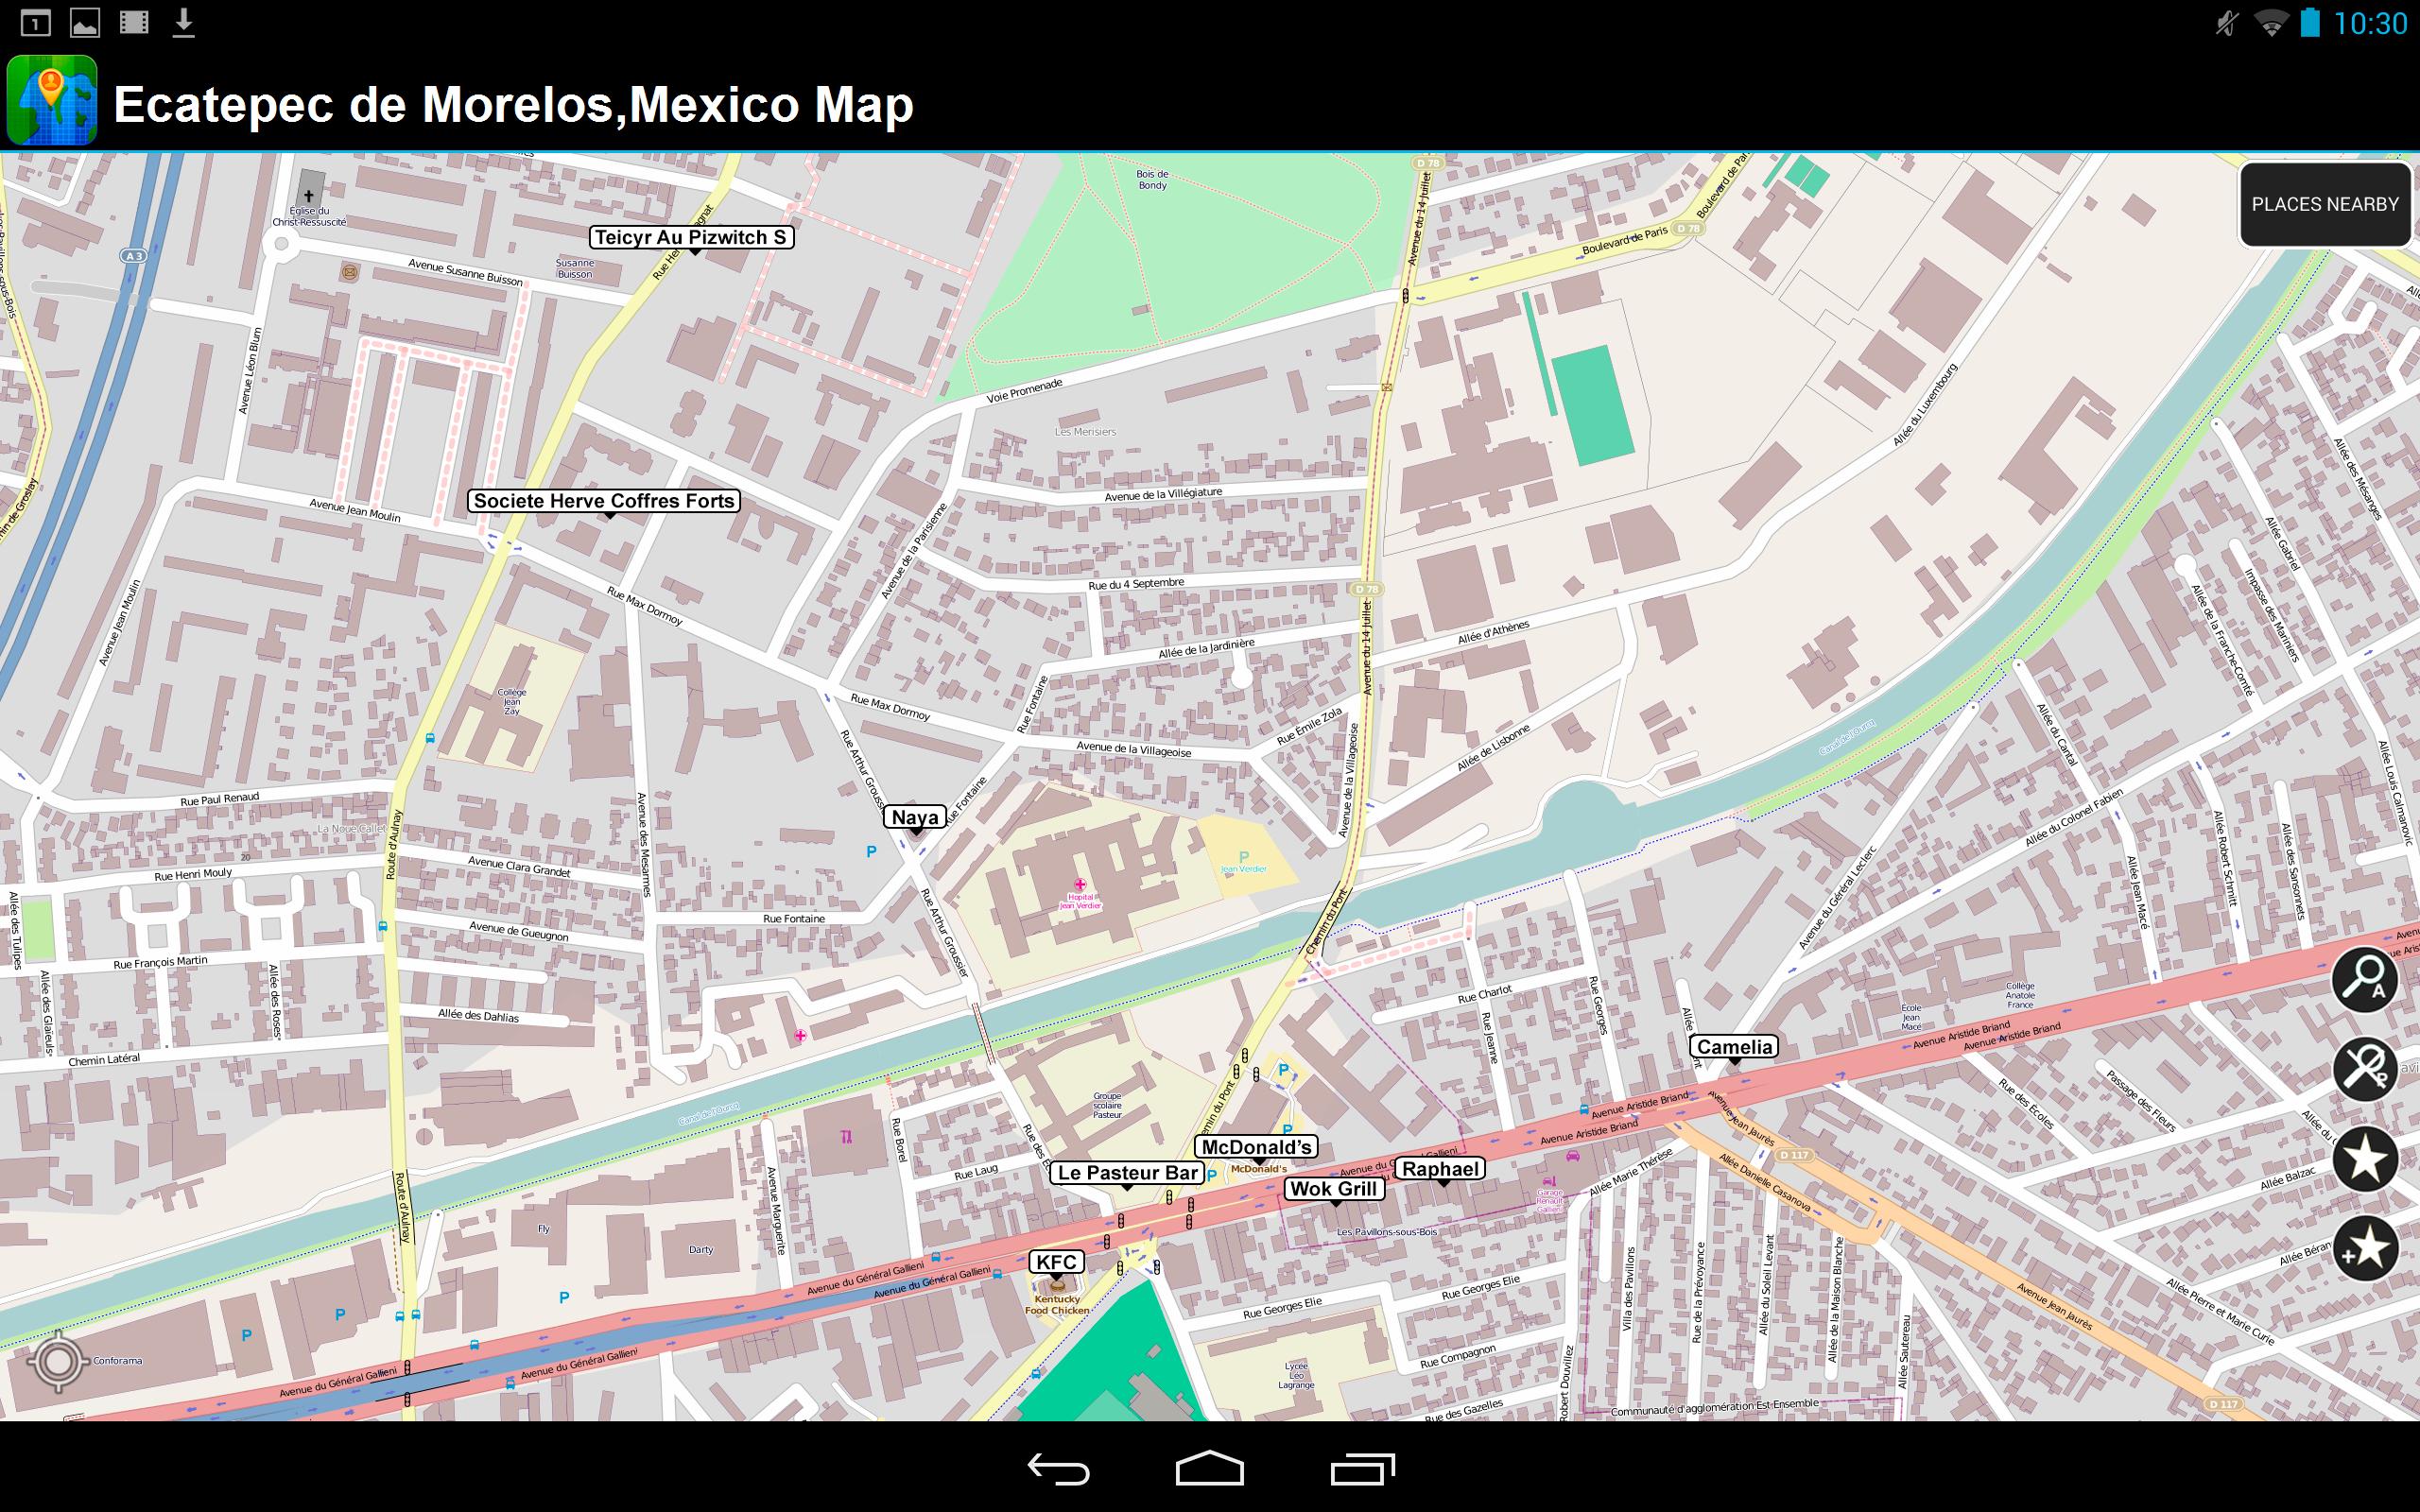 Ecatepec de Morelos, México - Desconectado Mapa: Amazon.es